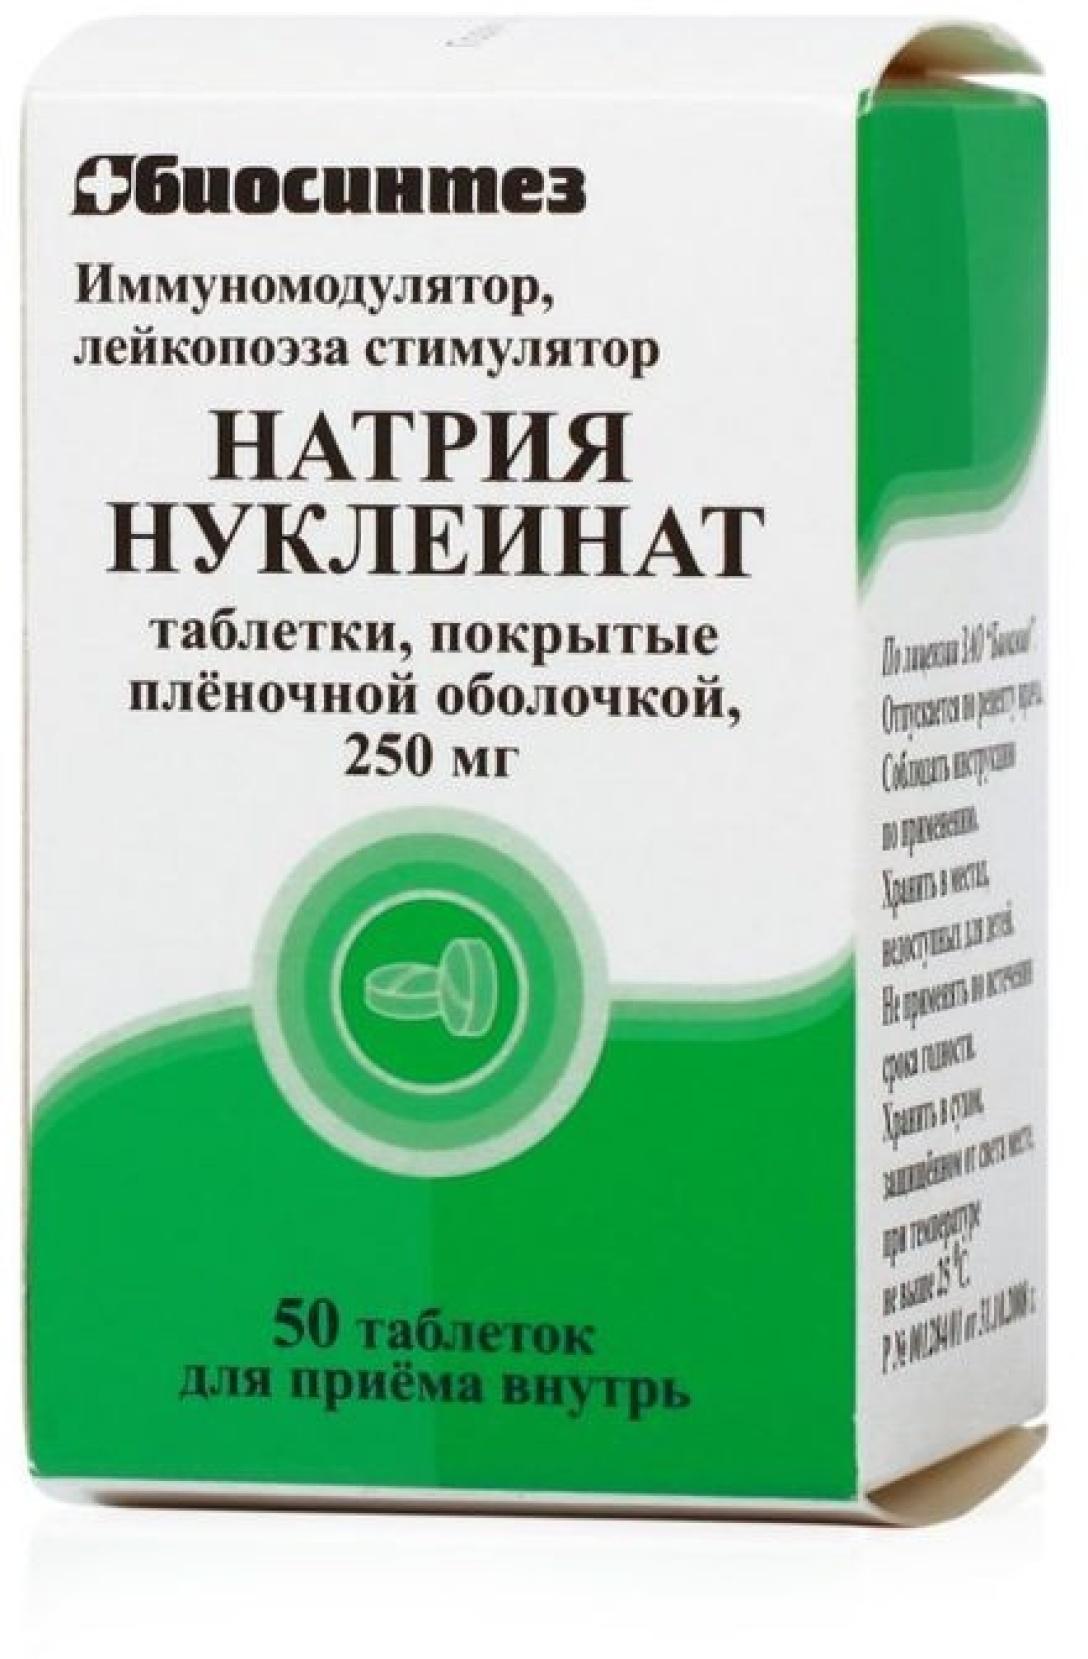 Натрия нуклеинат — инструкция по применению для птиц и животных, дозировки, цена